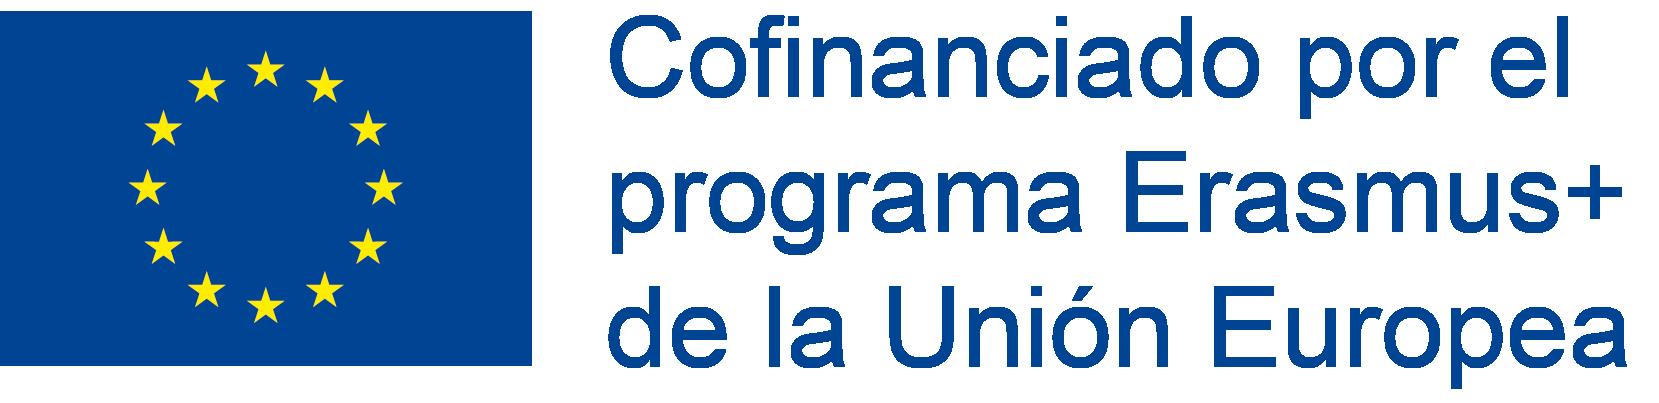 cofinanciado por Erasmus+ de la UE